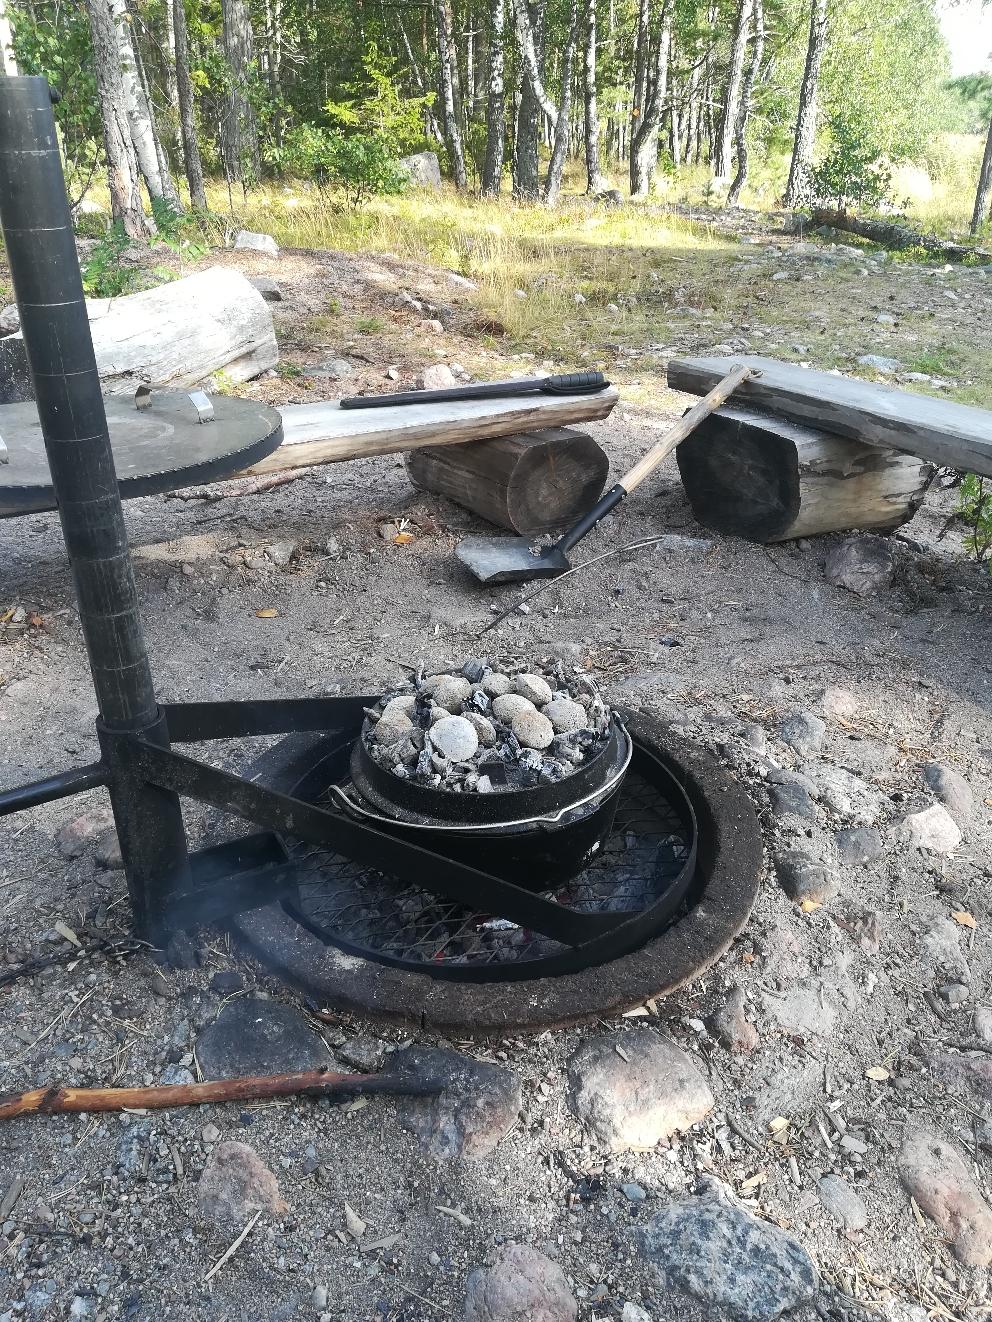 Tolle Feuerstellen im Wald